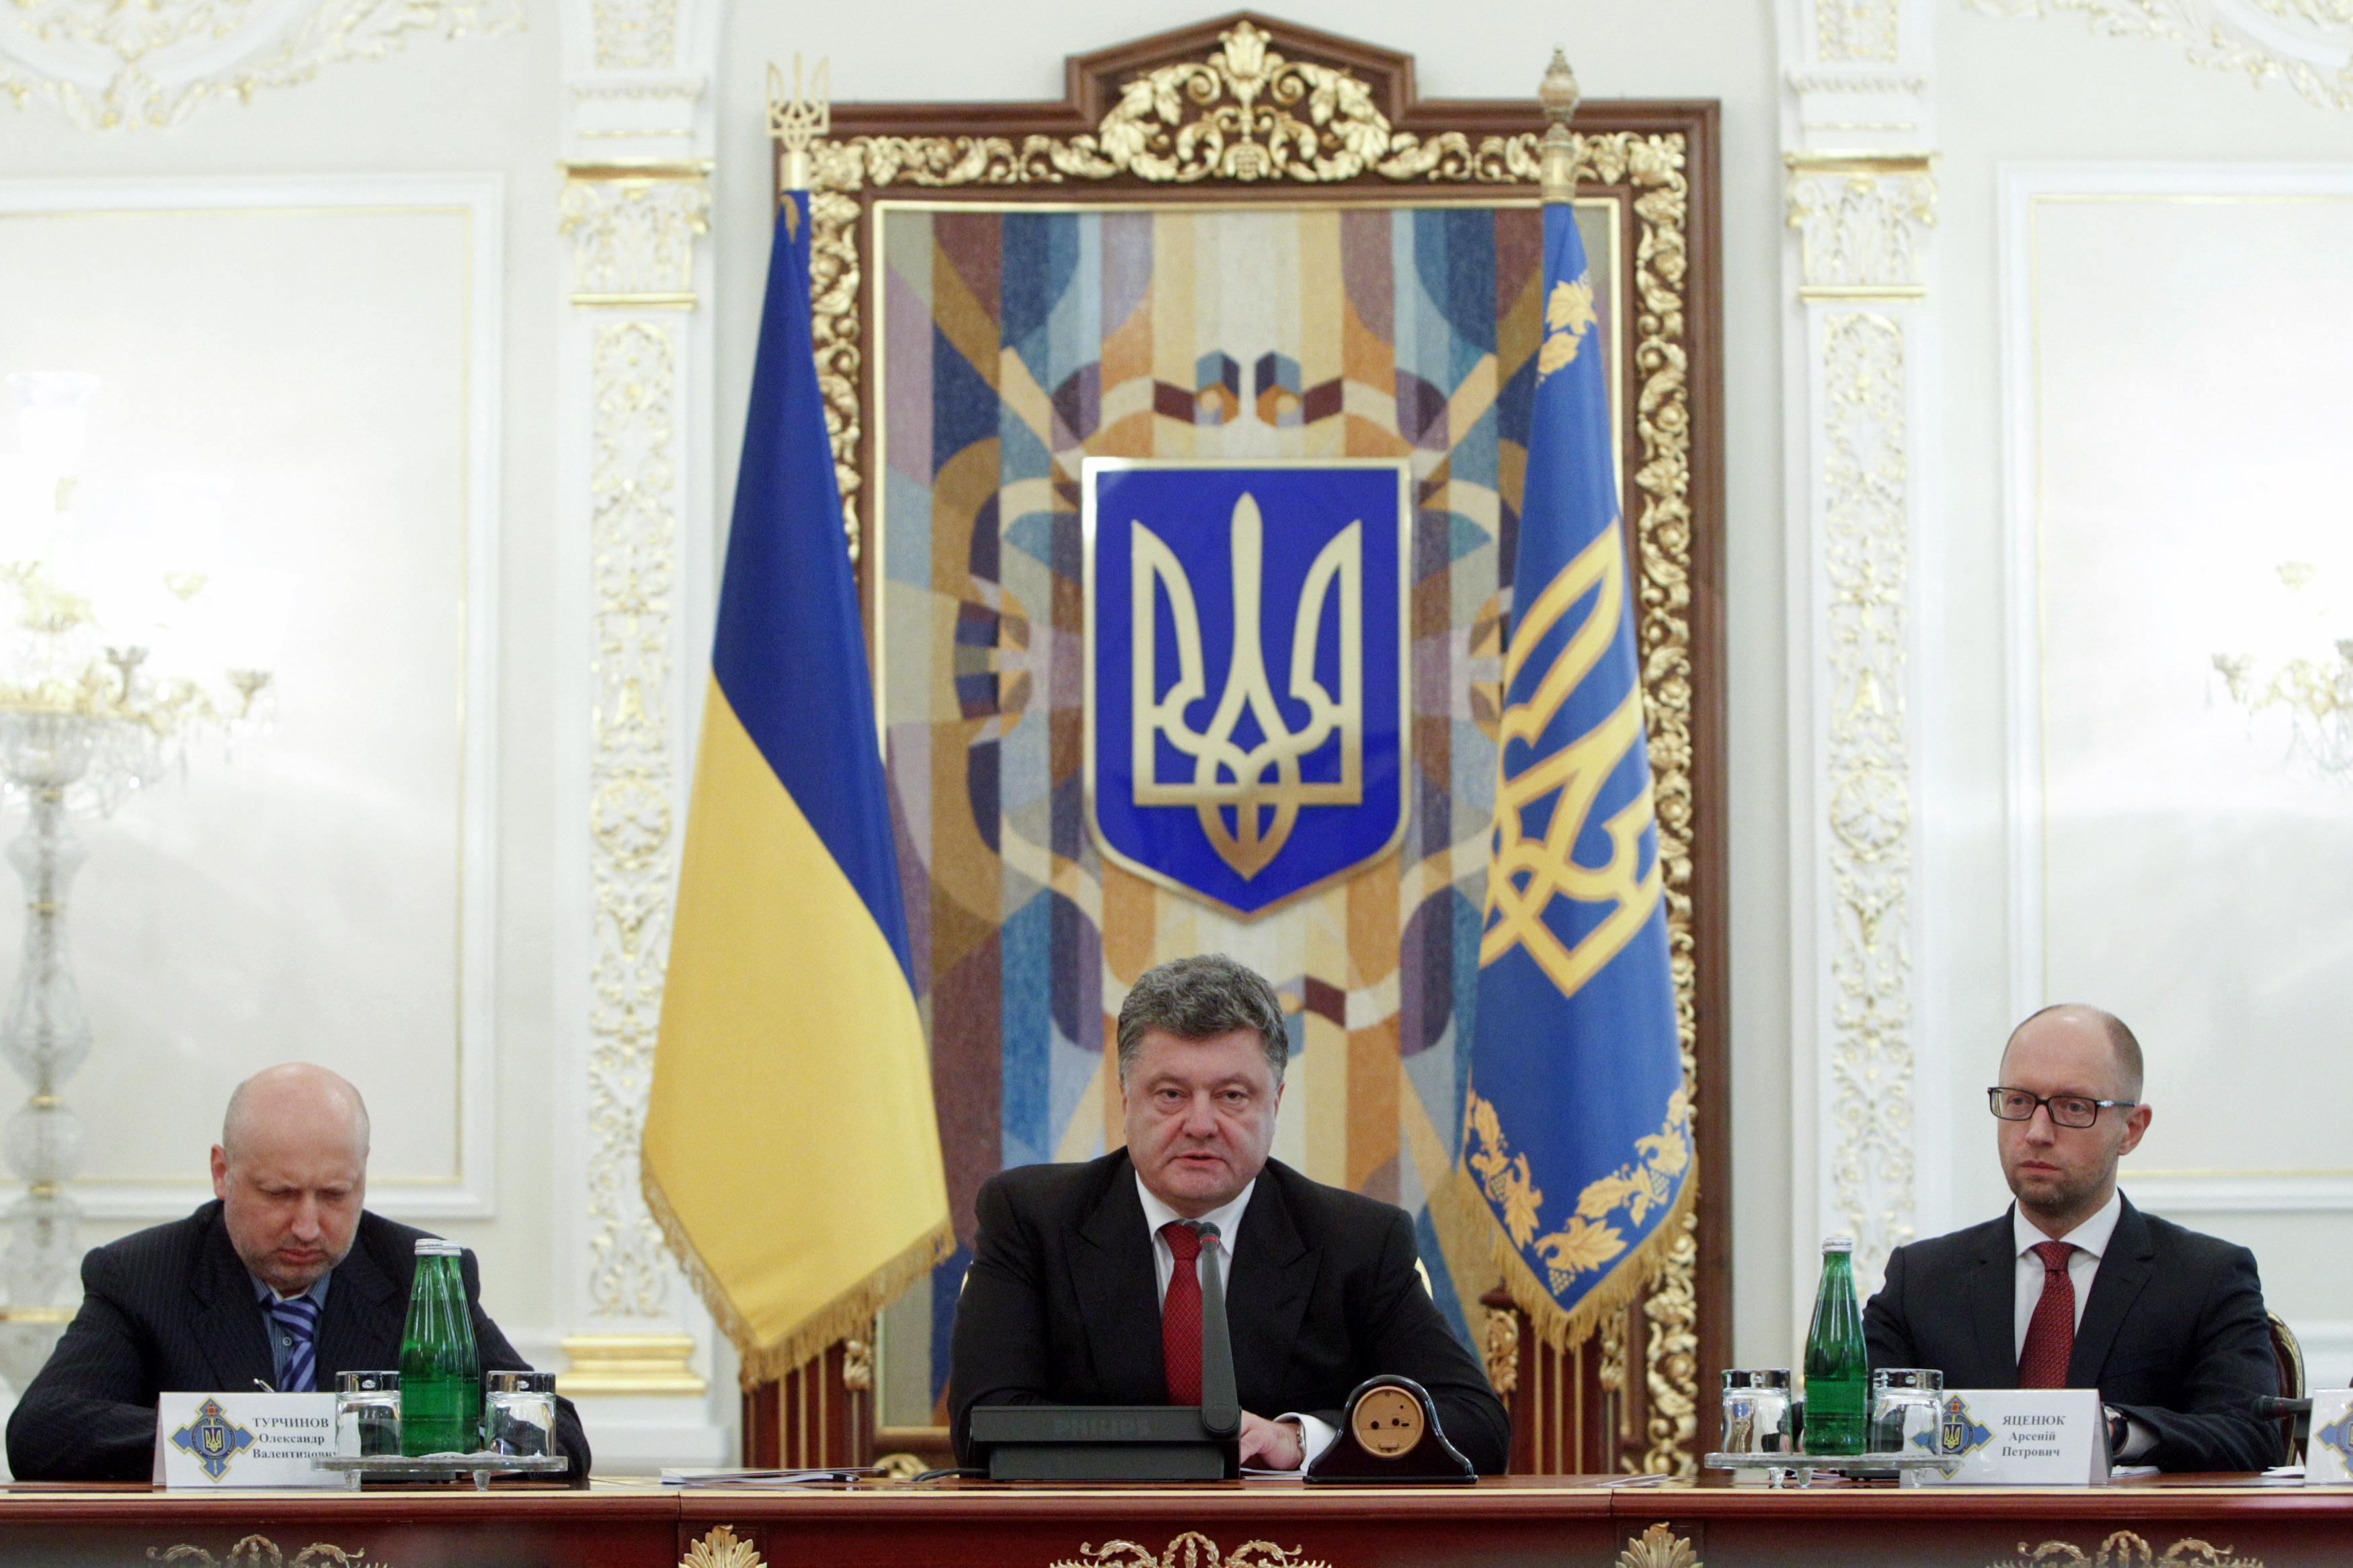 Турчинов, Порошенко и Яценюк